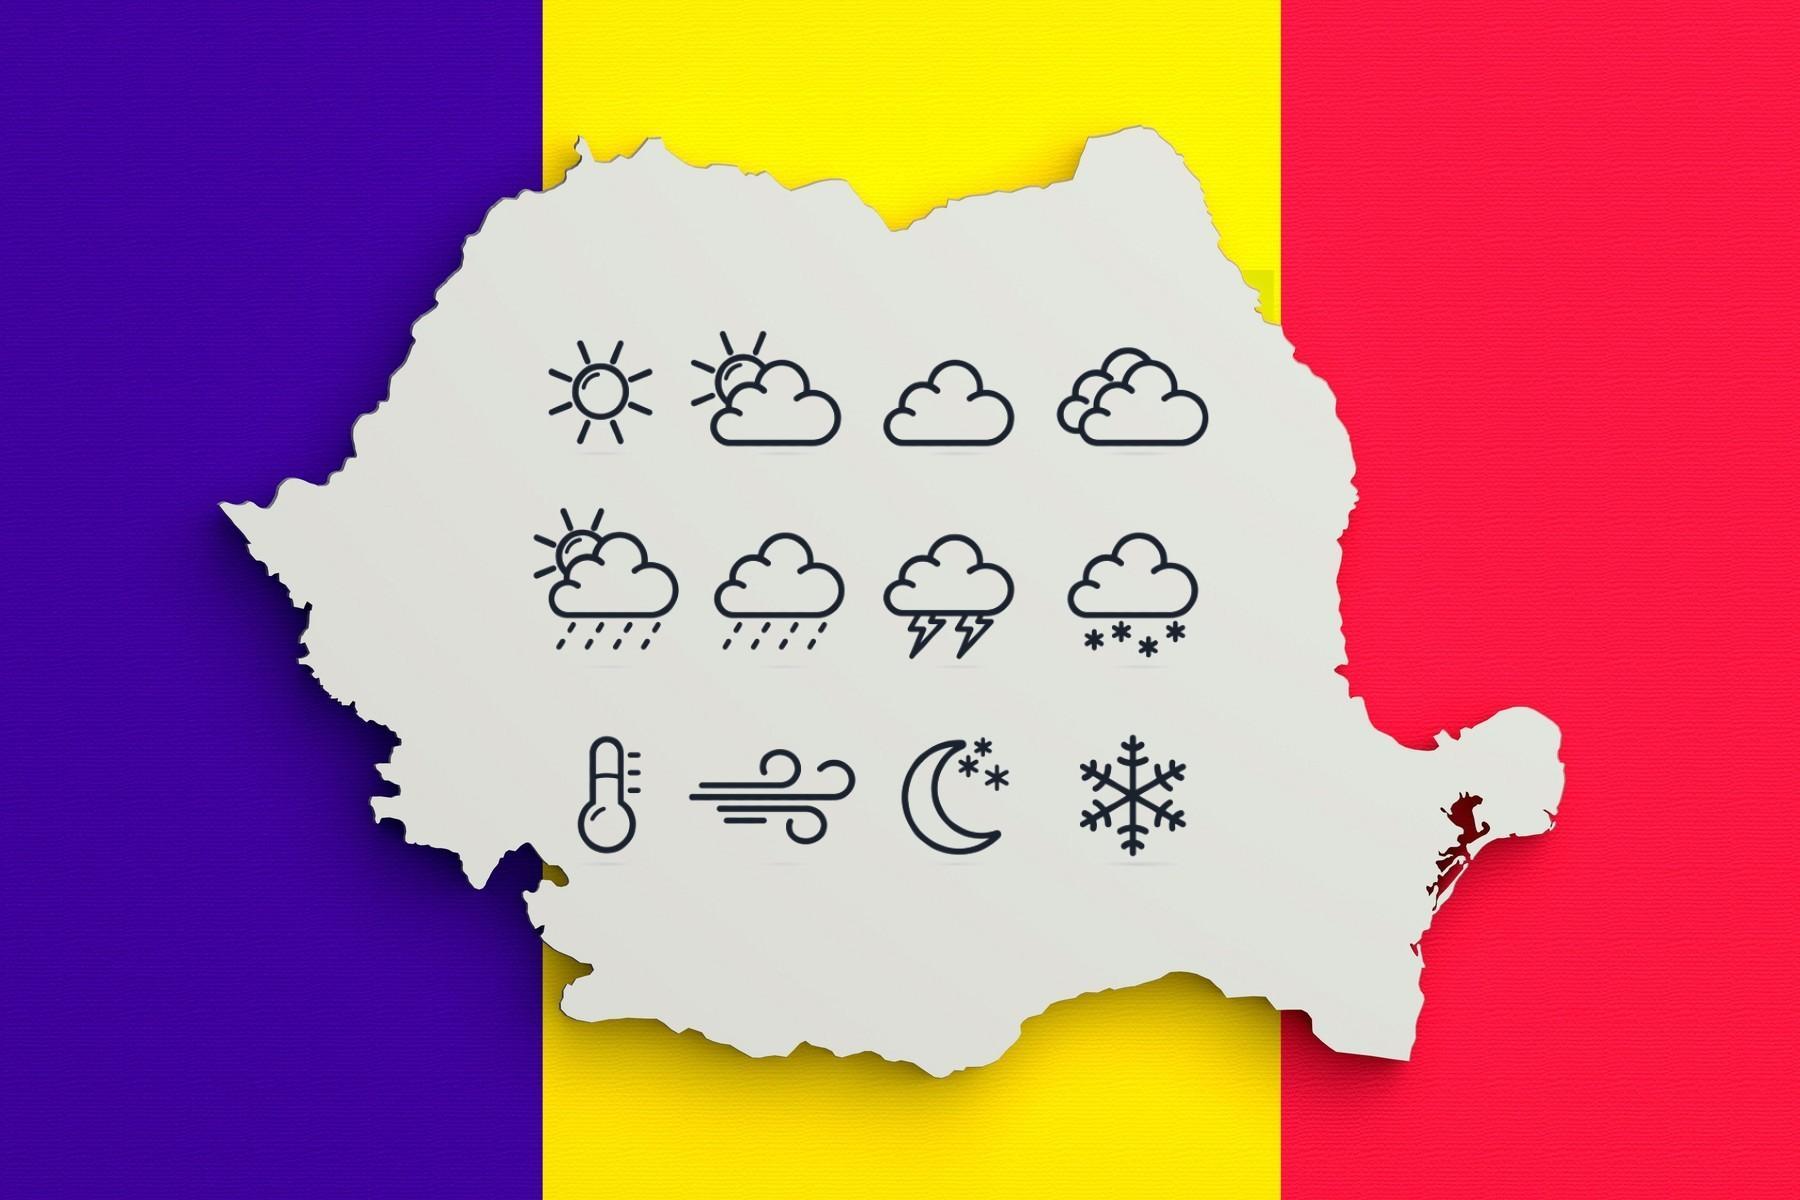 Prognoză meteo 11 noiembrie 2020. Cum e vremea în România și care sunt previziunile ANM pentru astăzi